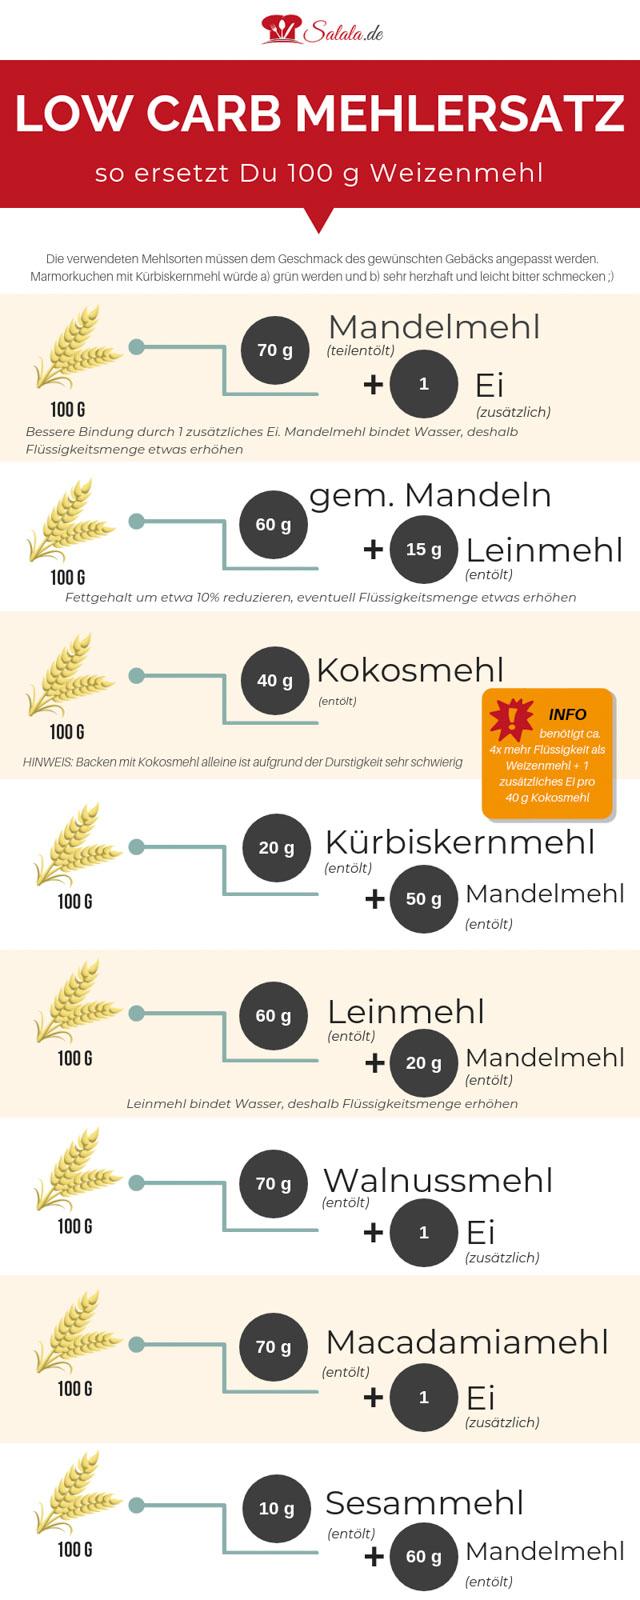 So kannst du Weizenmehl in der Low Carb Bäckerei ersetzen. Mehlersatz für Weizenmehl  #lowcarbbacken #mehlersatz #lowcarbmehl #mandelmehl #kokosmehl